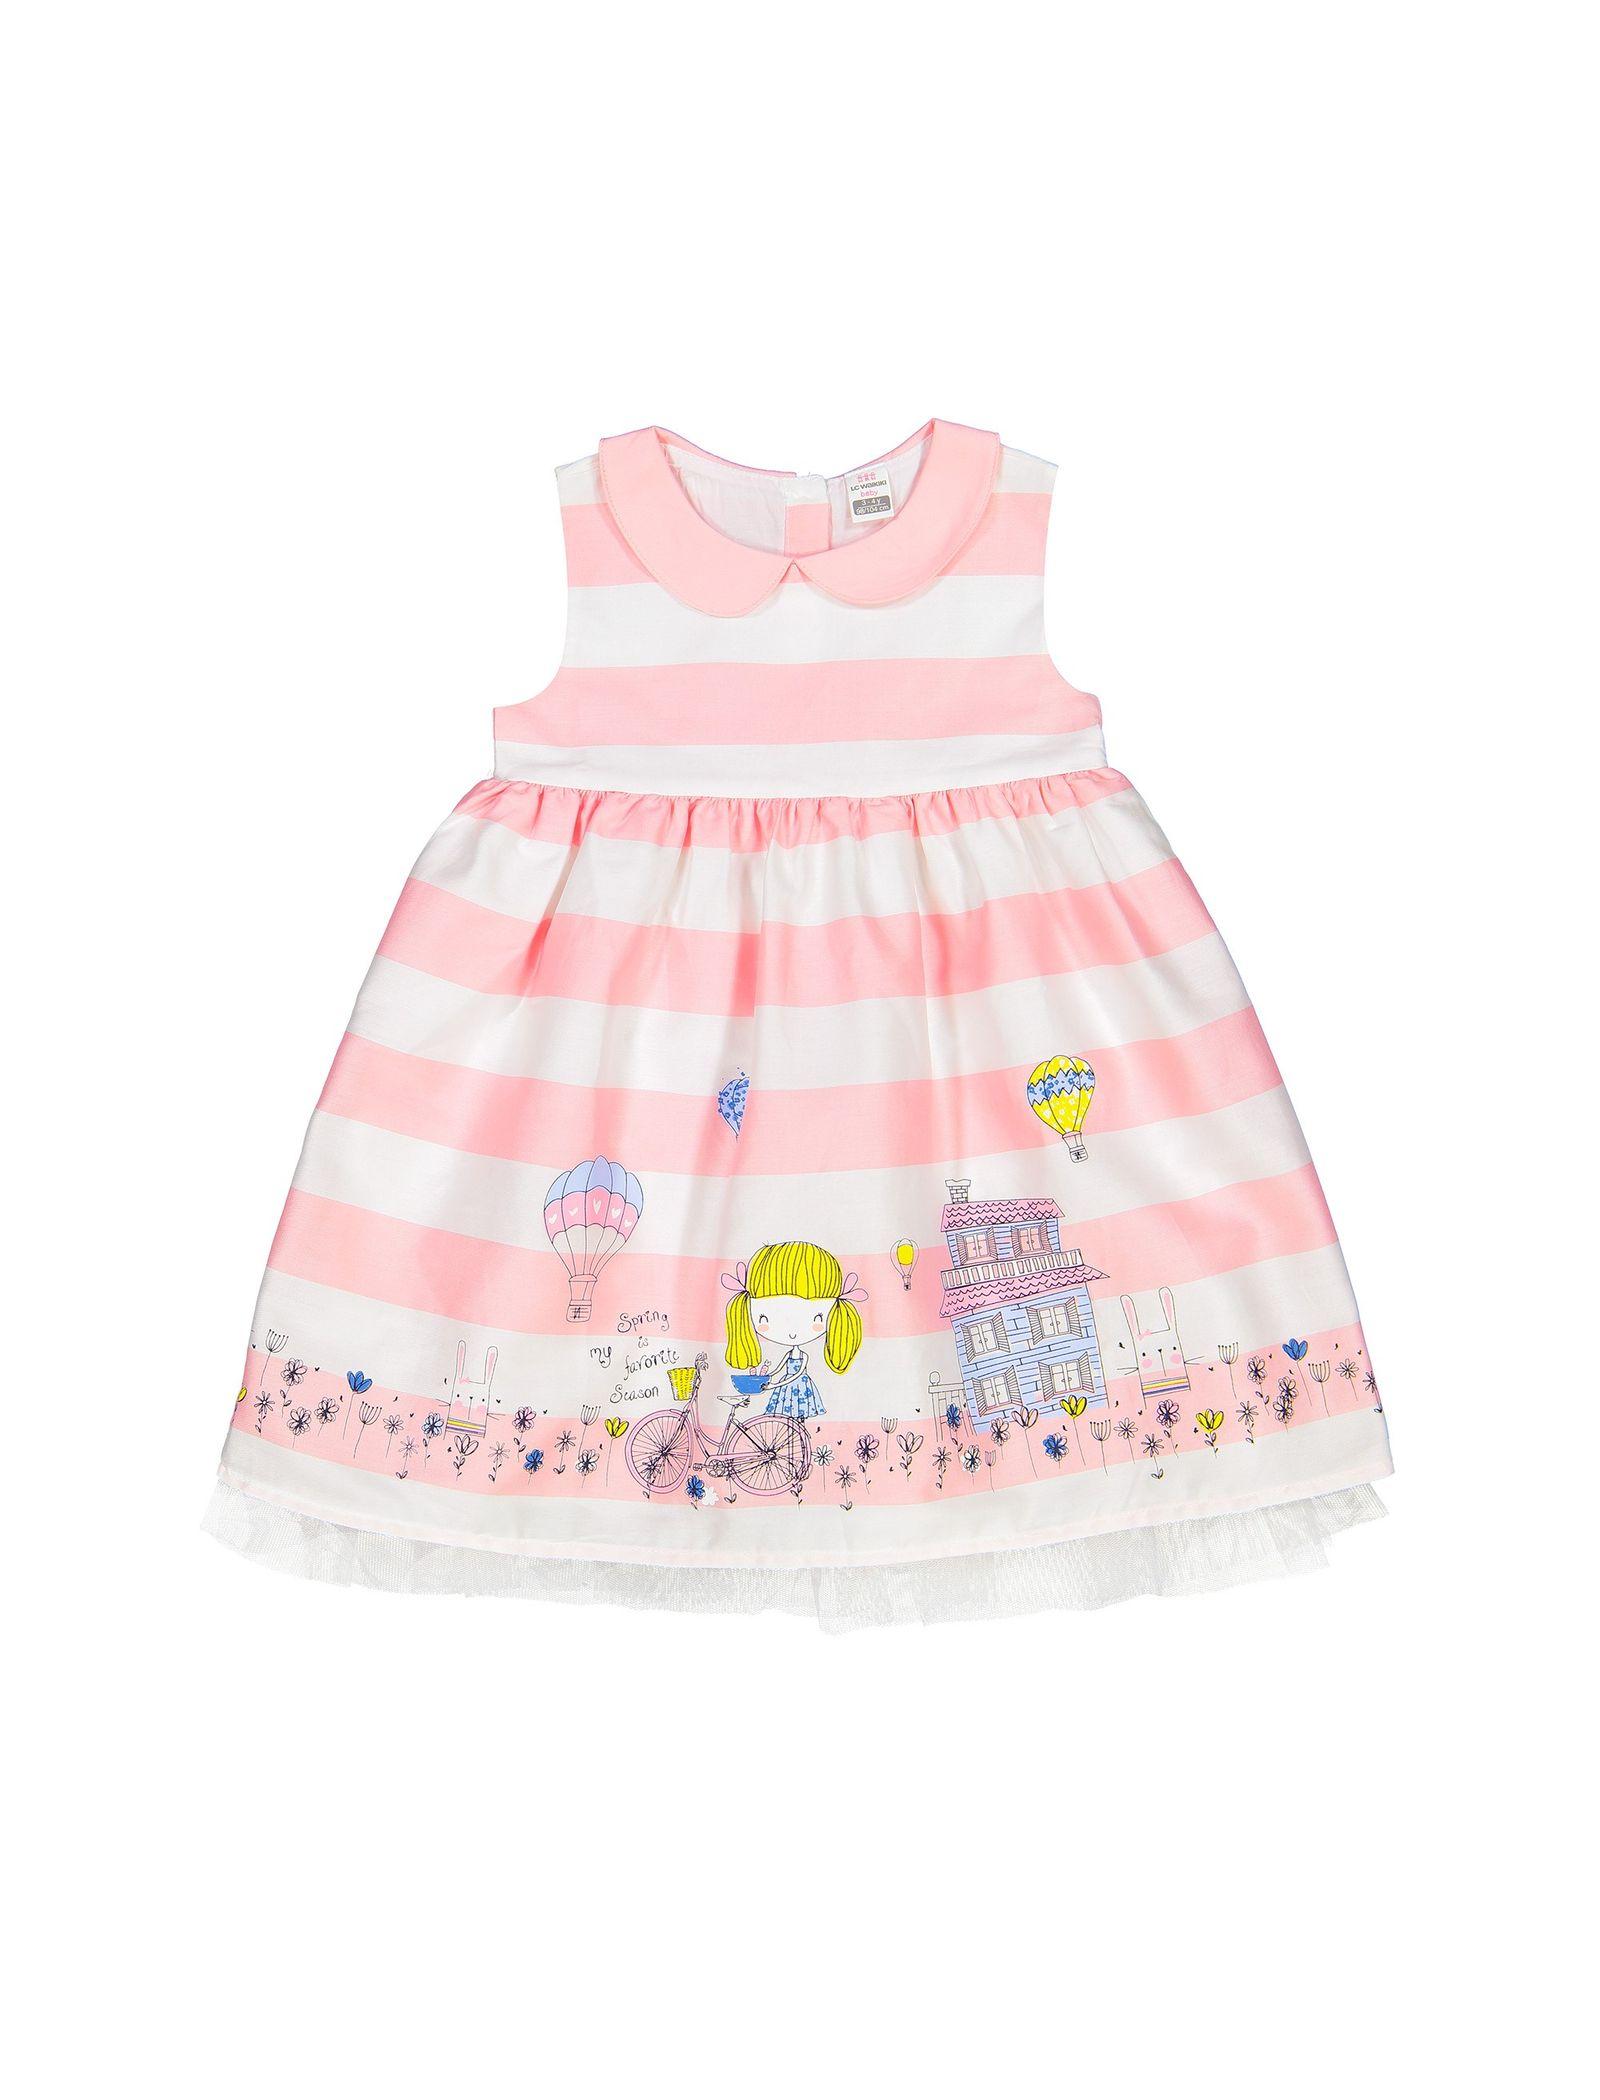 پیراهن نخی بدون آستین نوزادی دخترانه - ال سی وایکیکی - سفيد و صورتي - 1